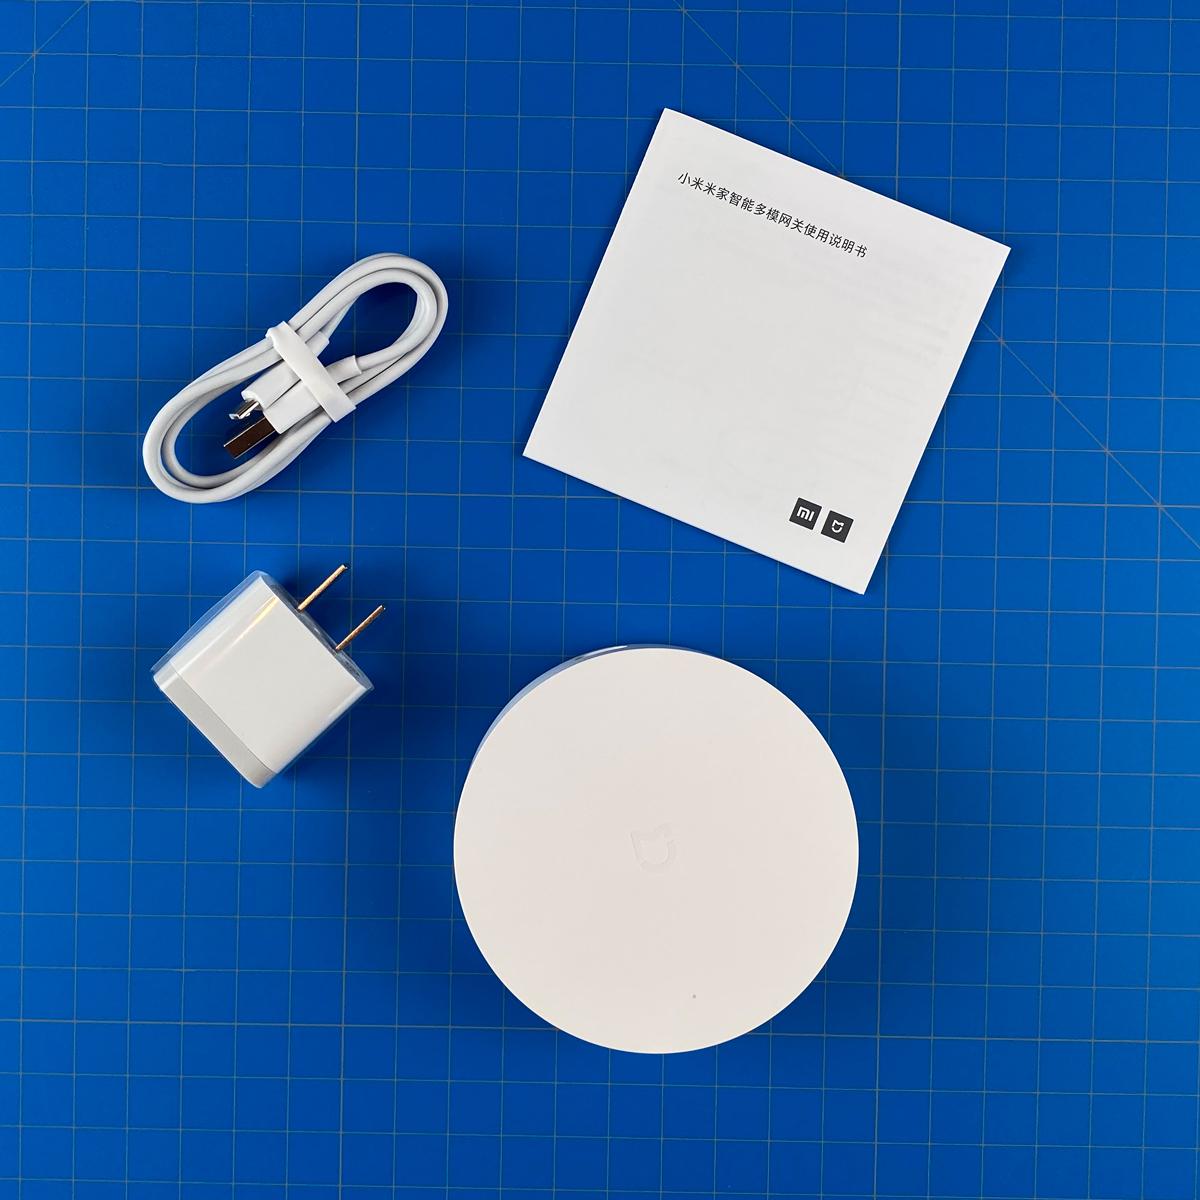 محصول شیائومی - xiaomi درگاه هوشمند چند منظوره شیائومی Mi smart gateway